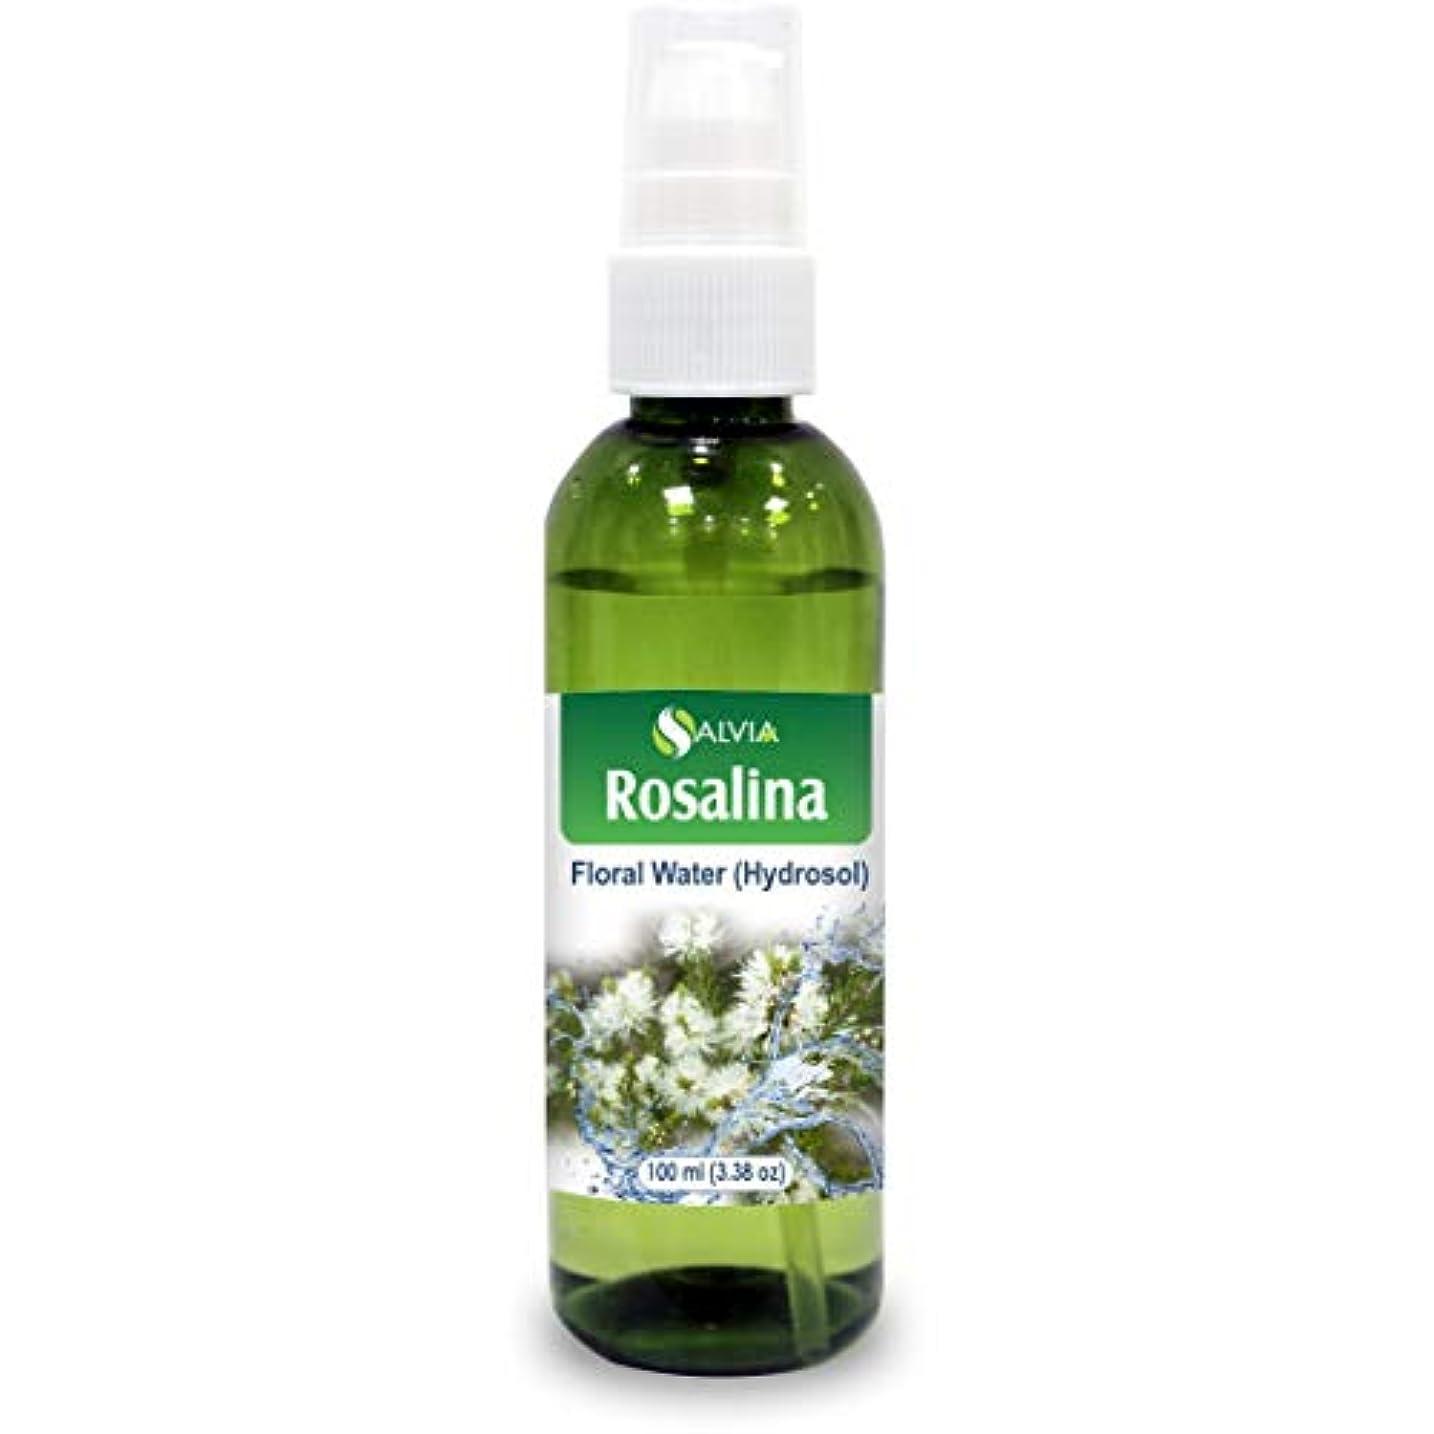 思いつくアラブいじめっ子Rosalina Oil Floral Water 100ml (Hydrosol) 100% Pure And Natural